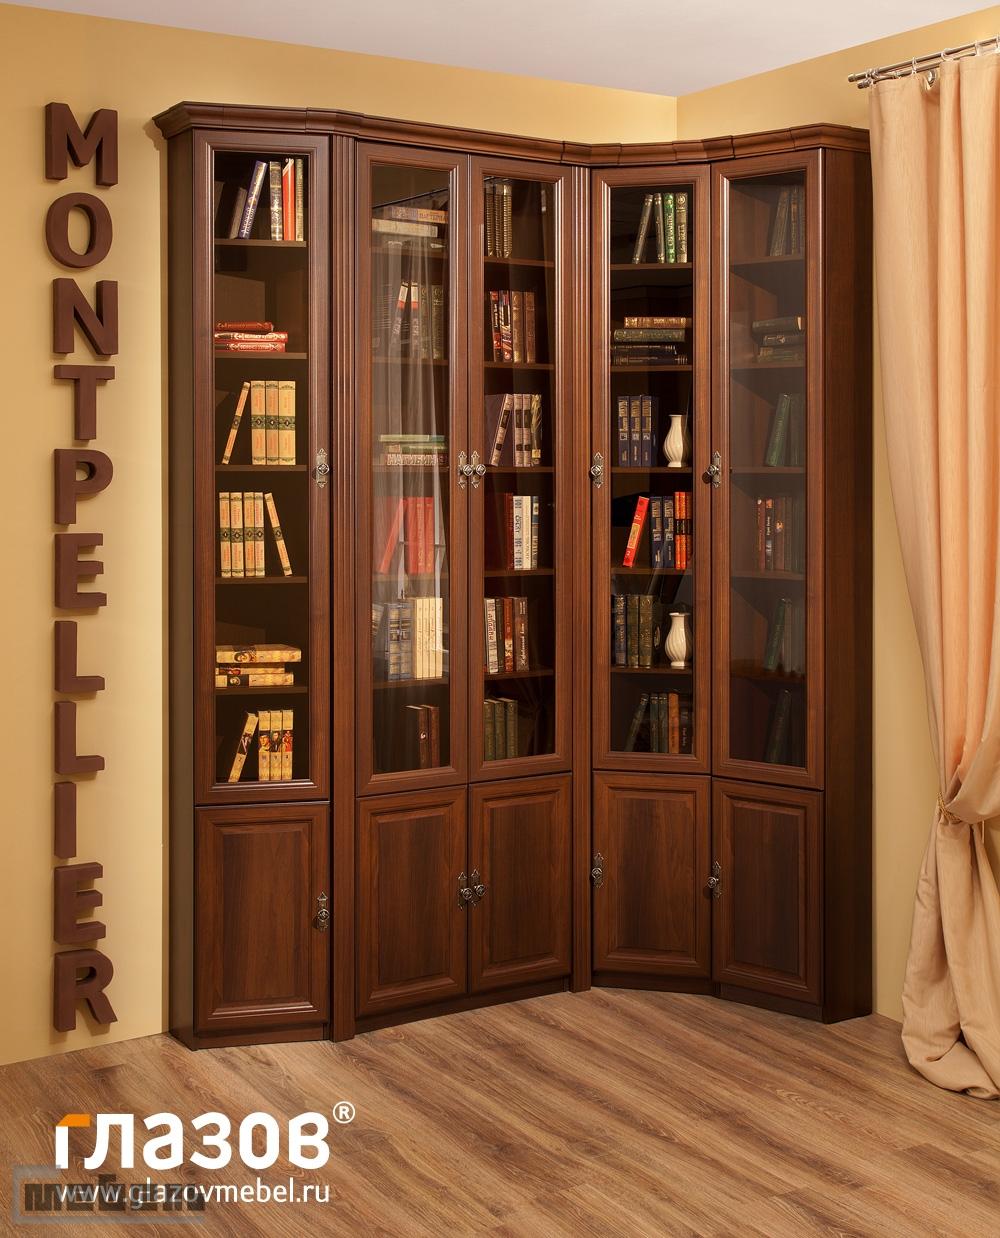 """Библиотека """"Montpellier"""" (Монпелье) модульная - Комплектация № 3 (Орех Шоколадный)"""